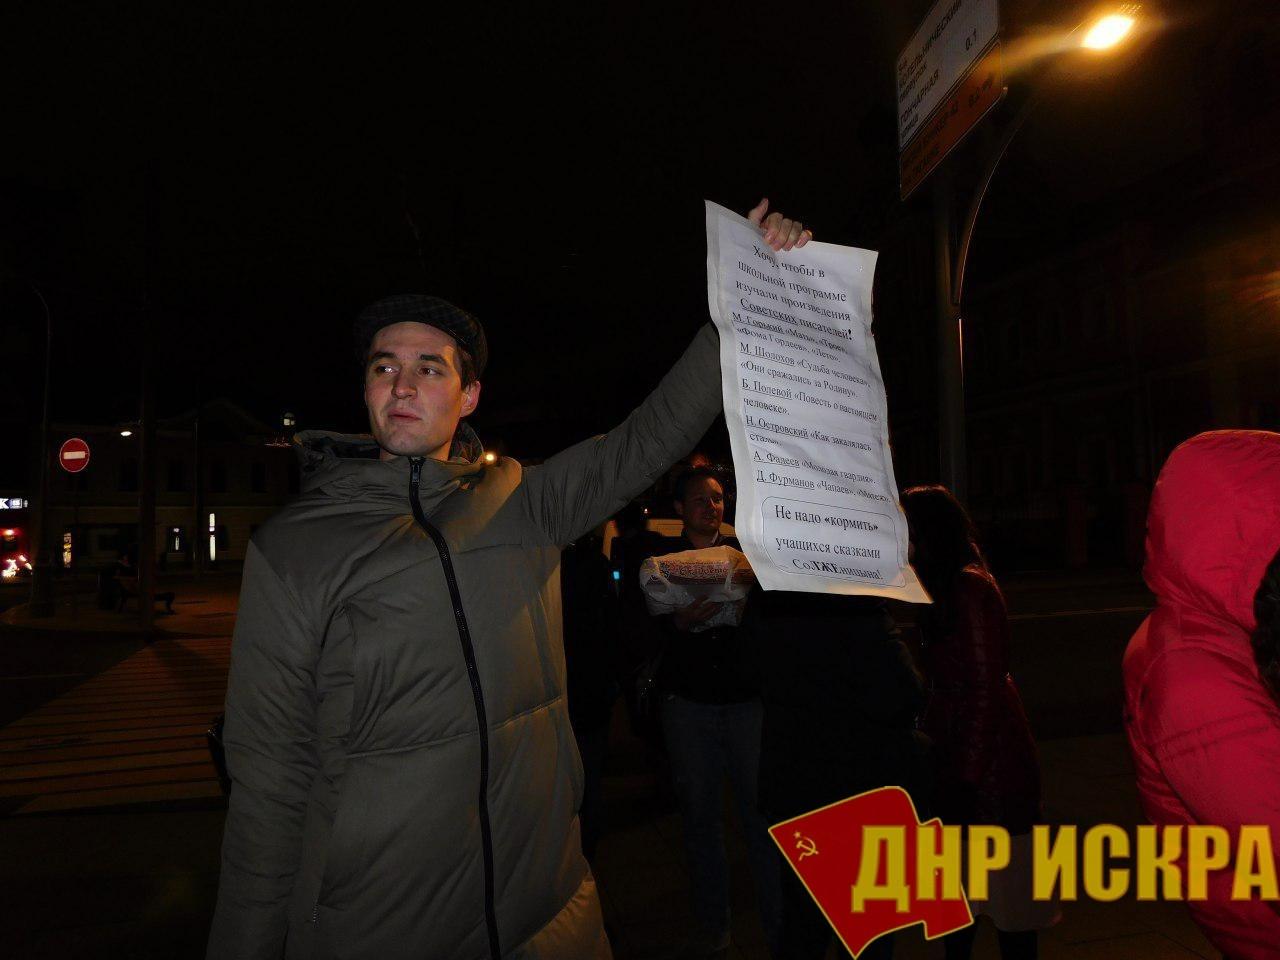 Москвичи выступили против установки памятника Солженицыну (Видео)